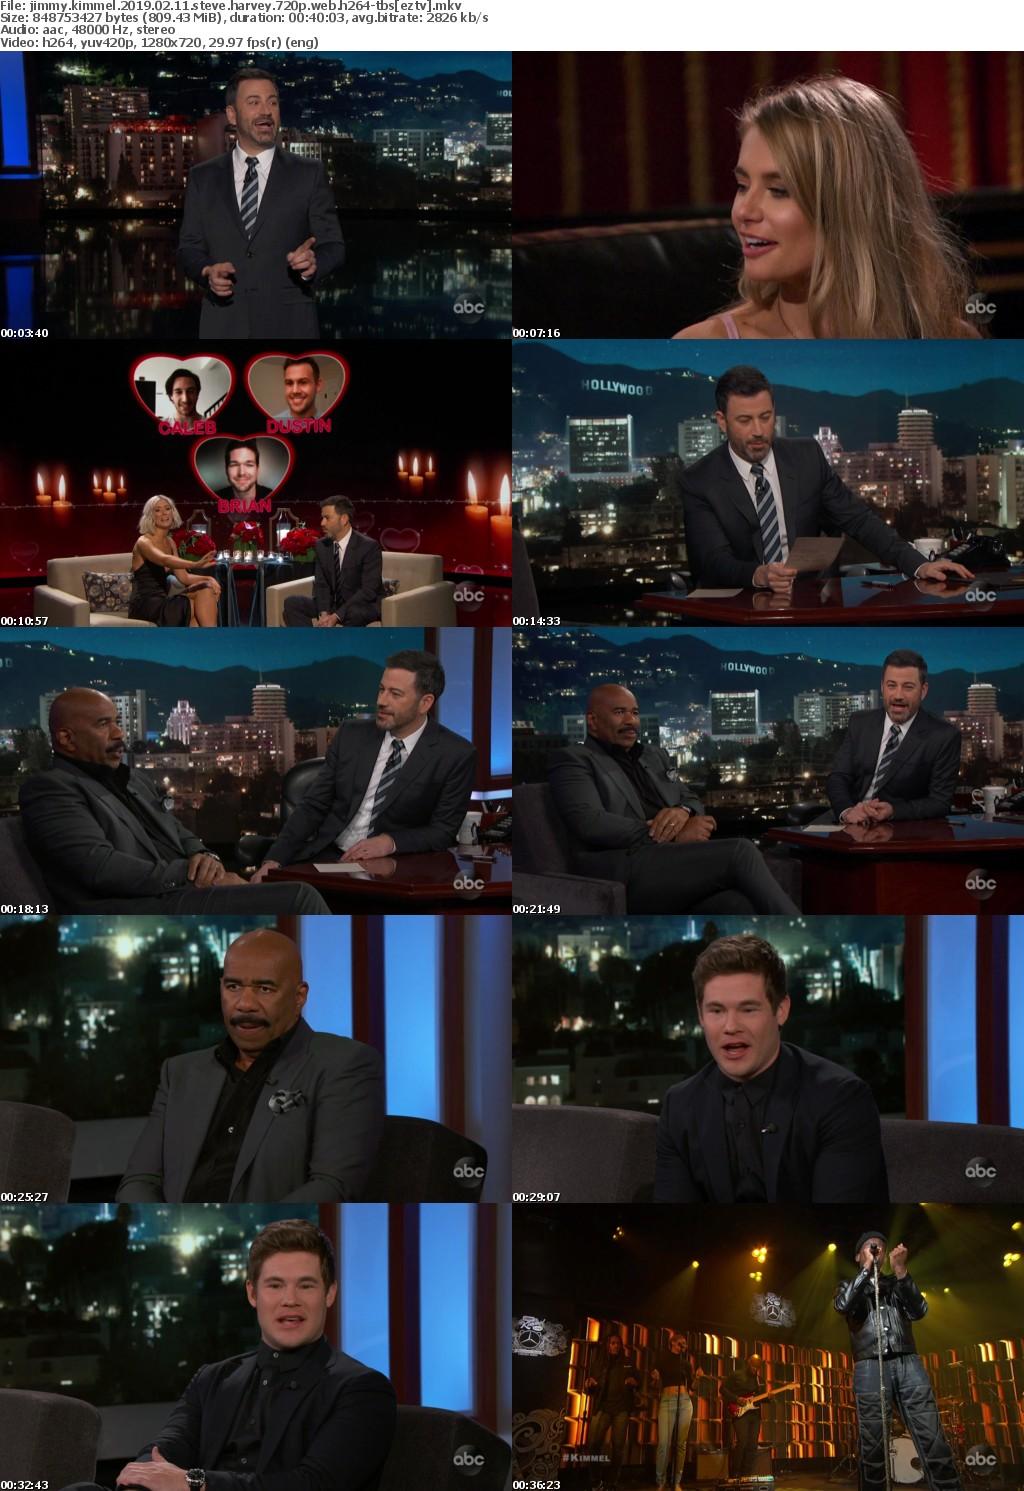 Jimmy Kimmel (2019) 02 11 Steve Harvey 720p WEB h264-TBS